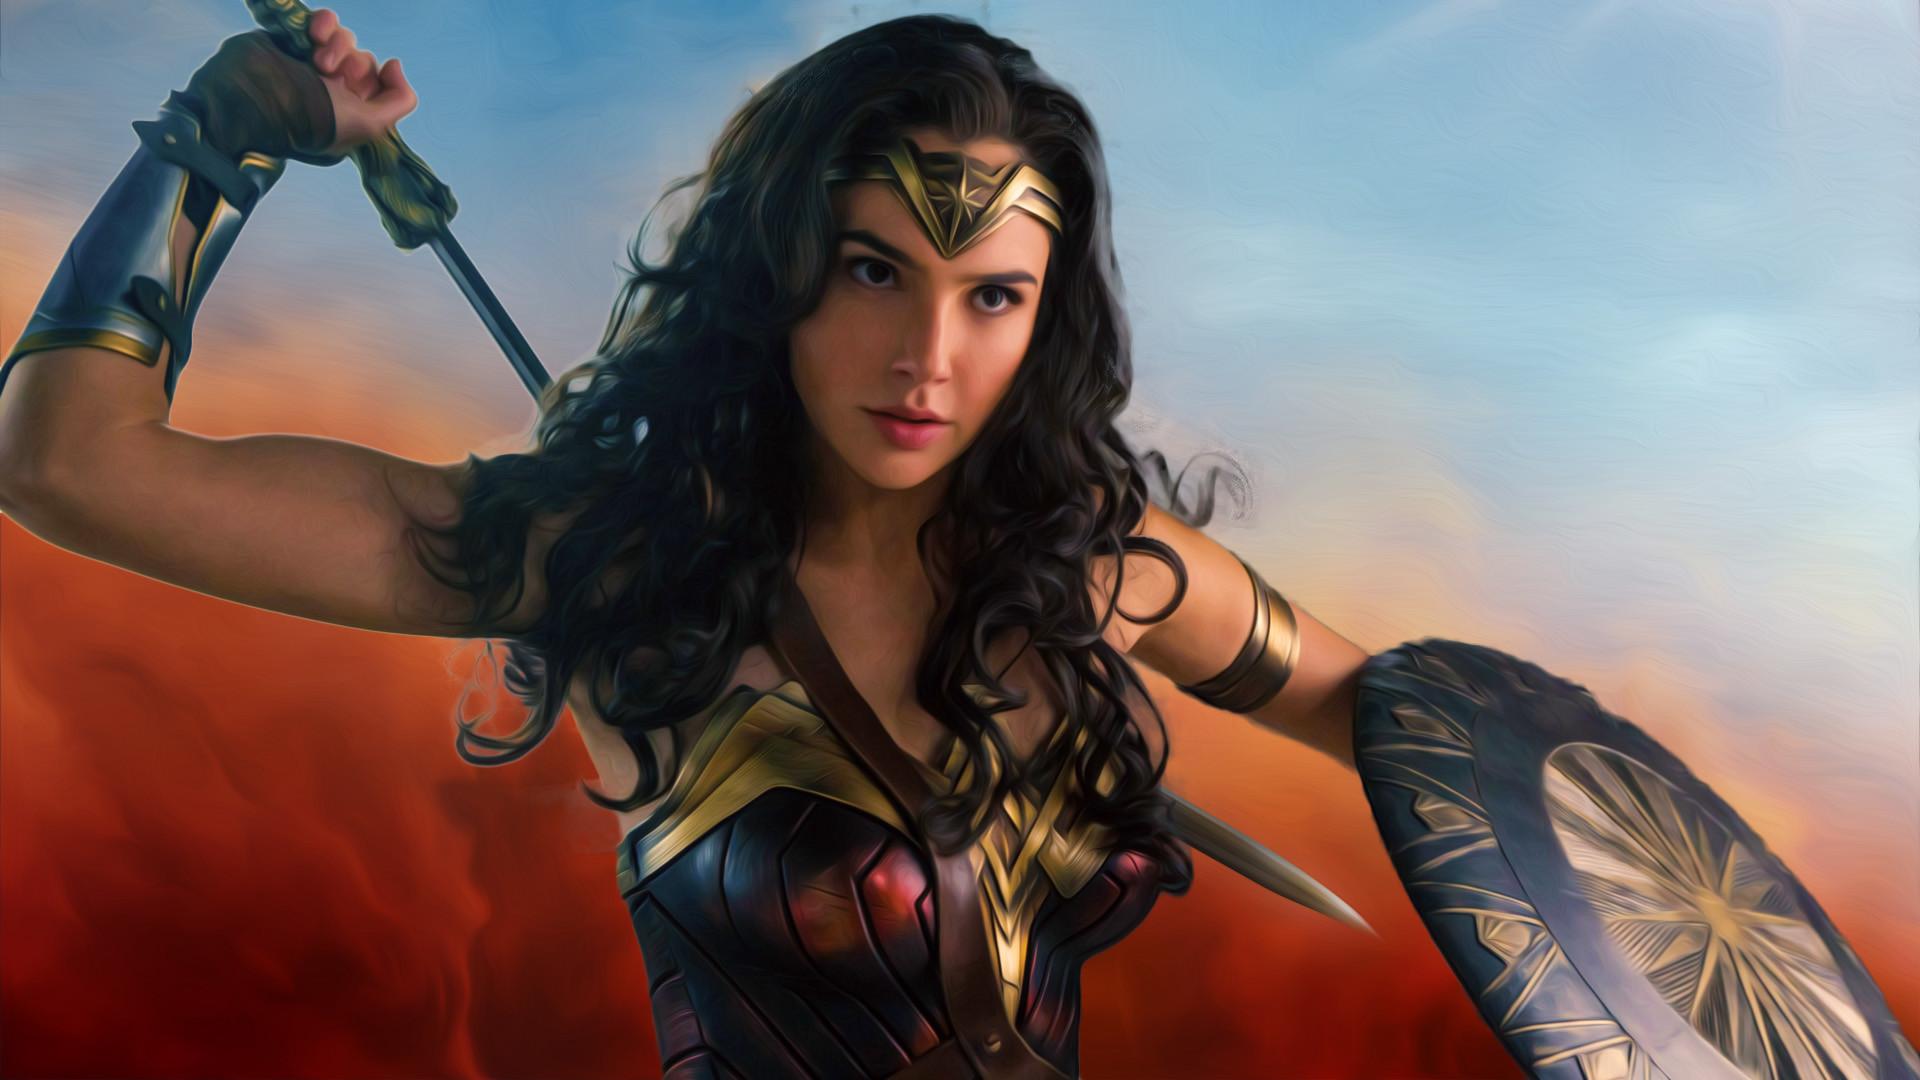 Fan Madewonder Woman Wallpaper Wonder Woman 17020 Hd